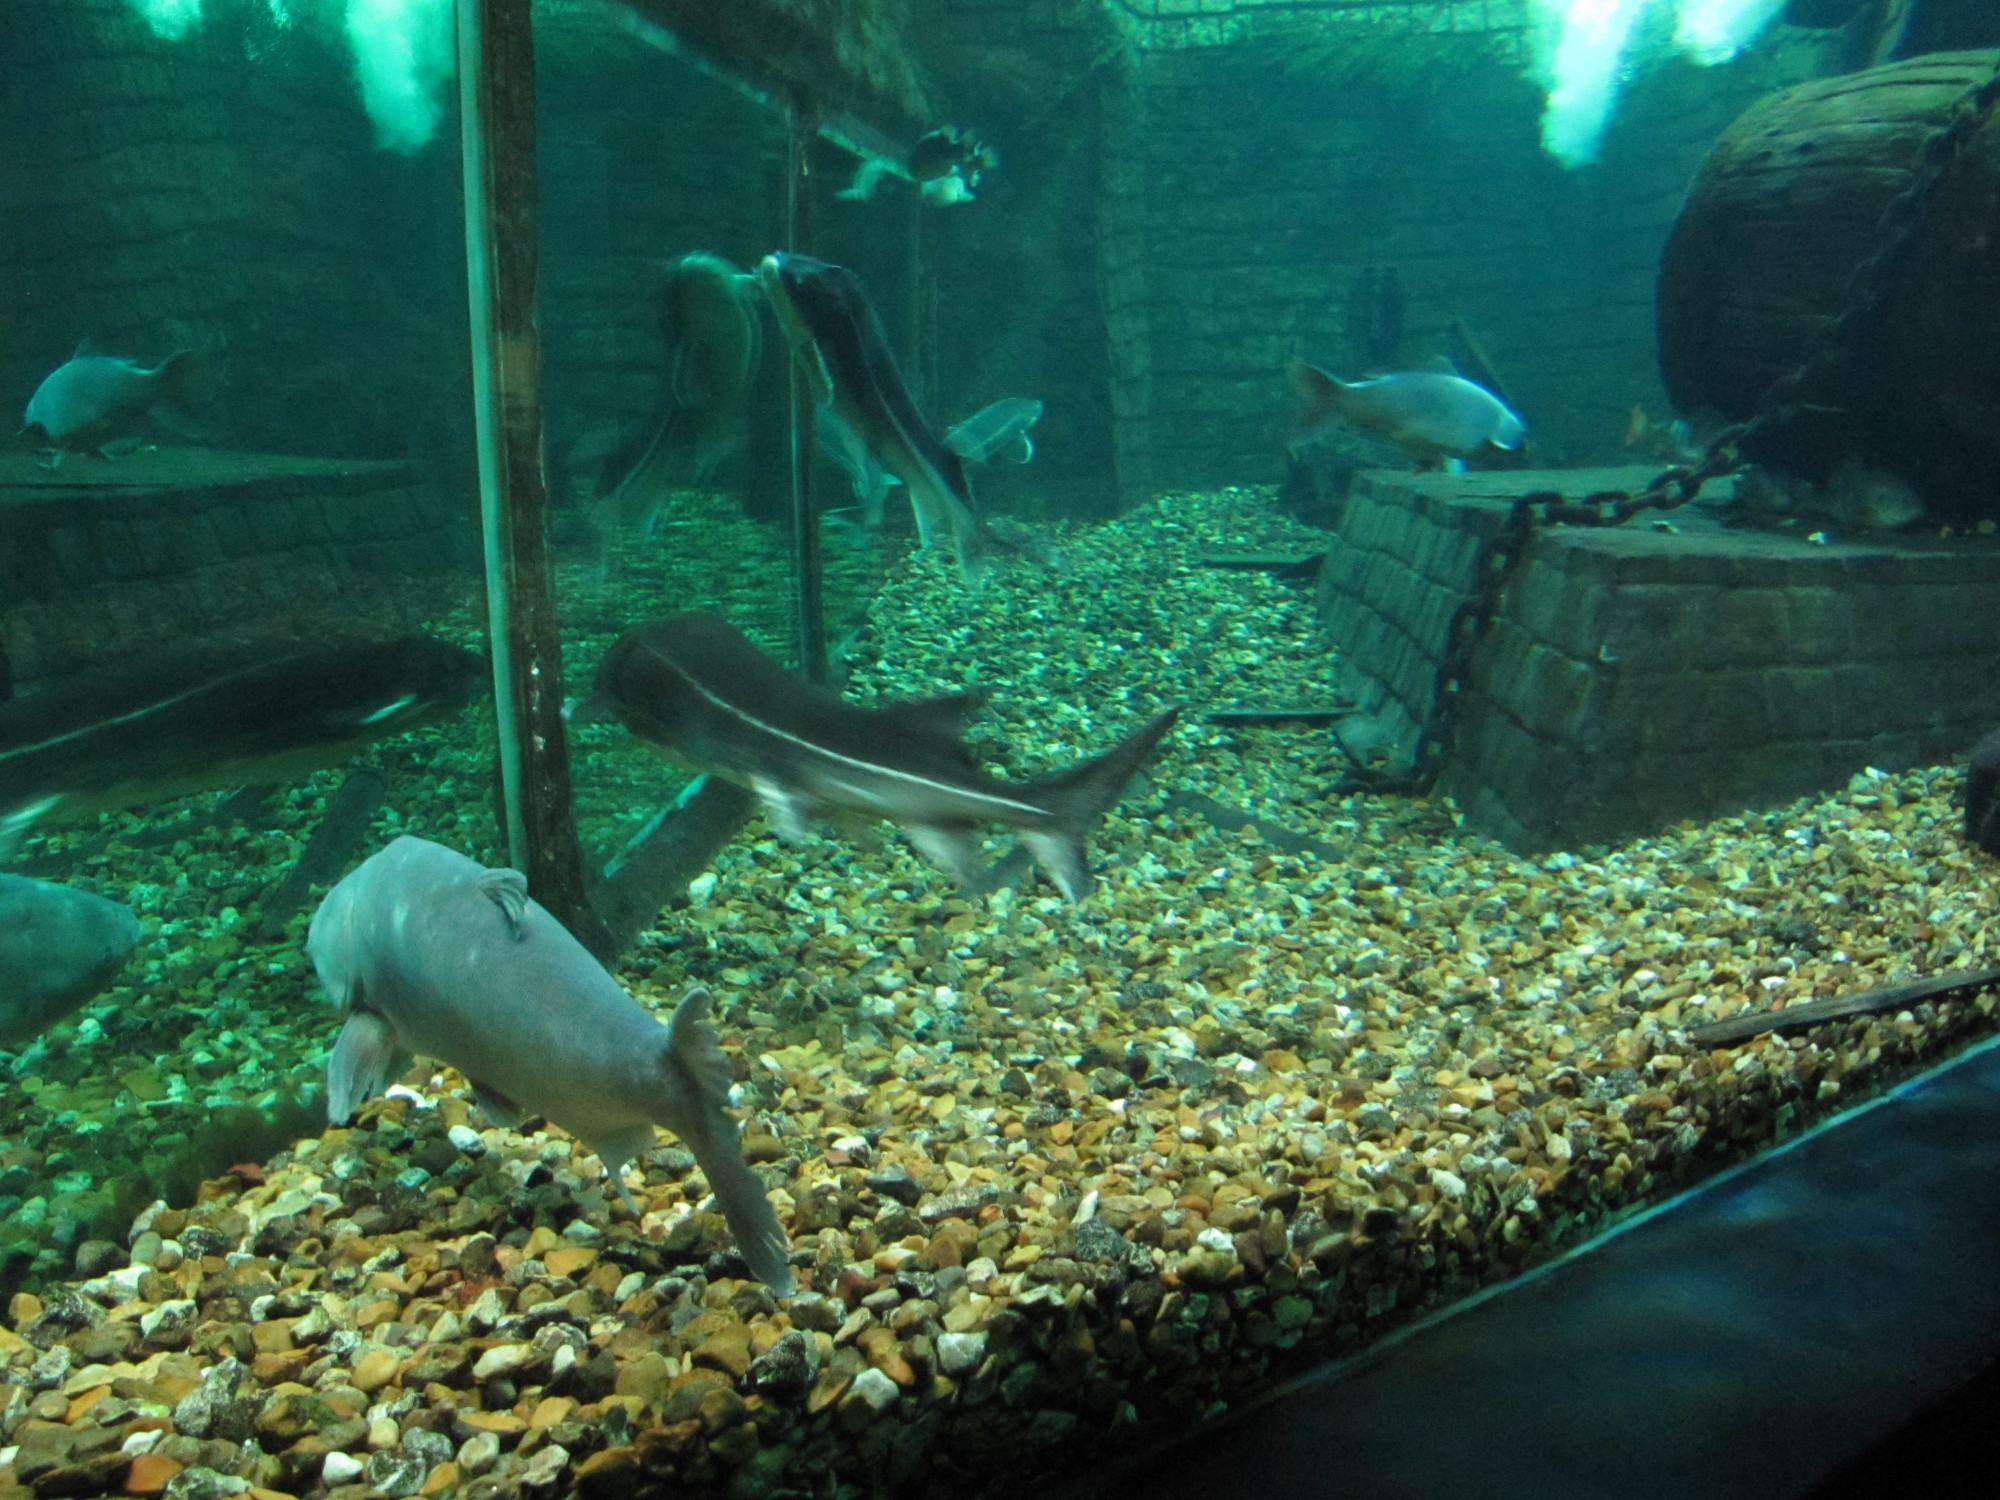 grand aquarium de touraine view